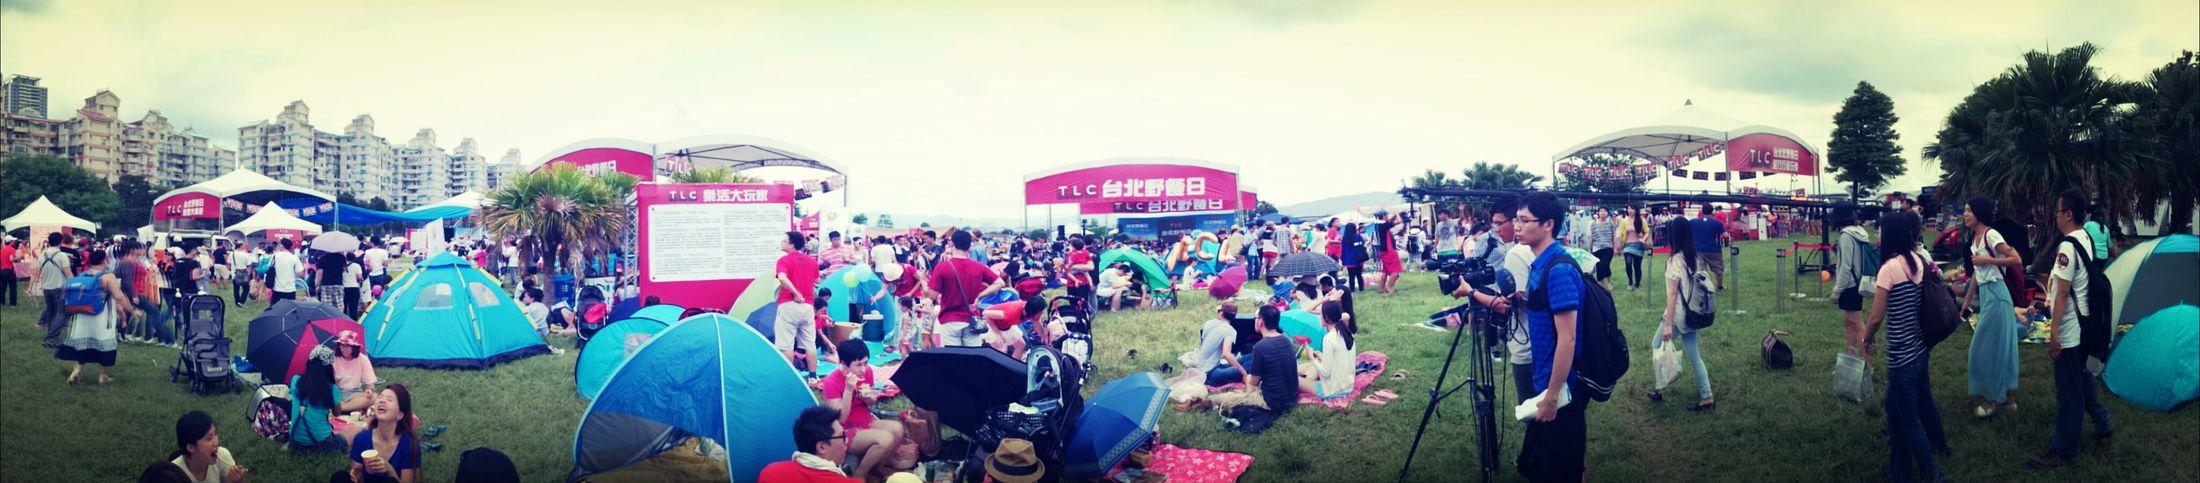 美堤河濱公園 TLC台北野餐日